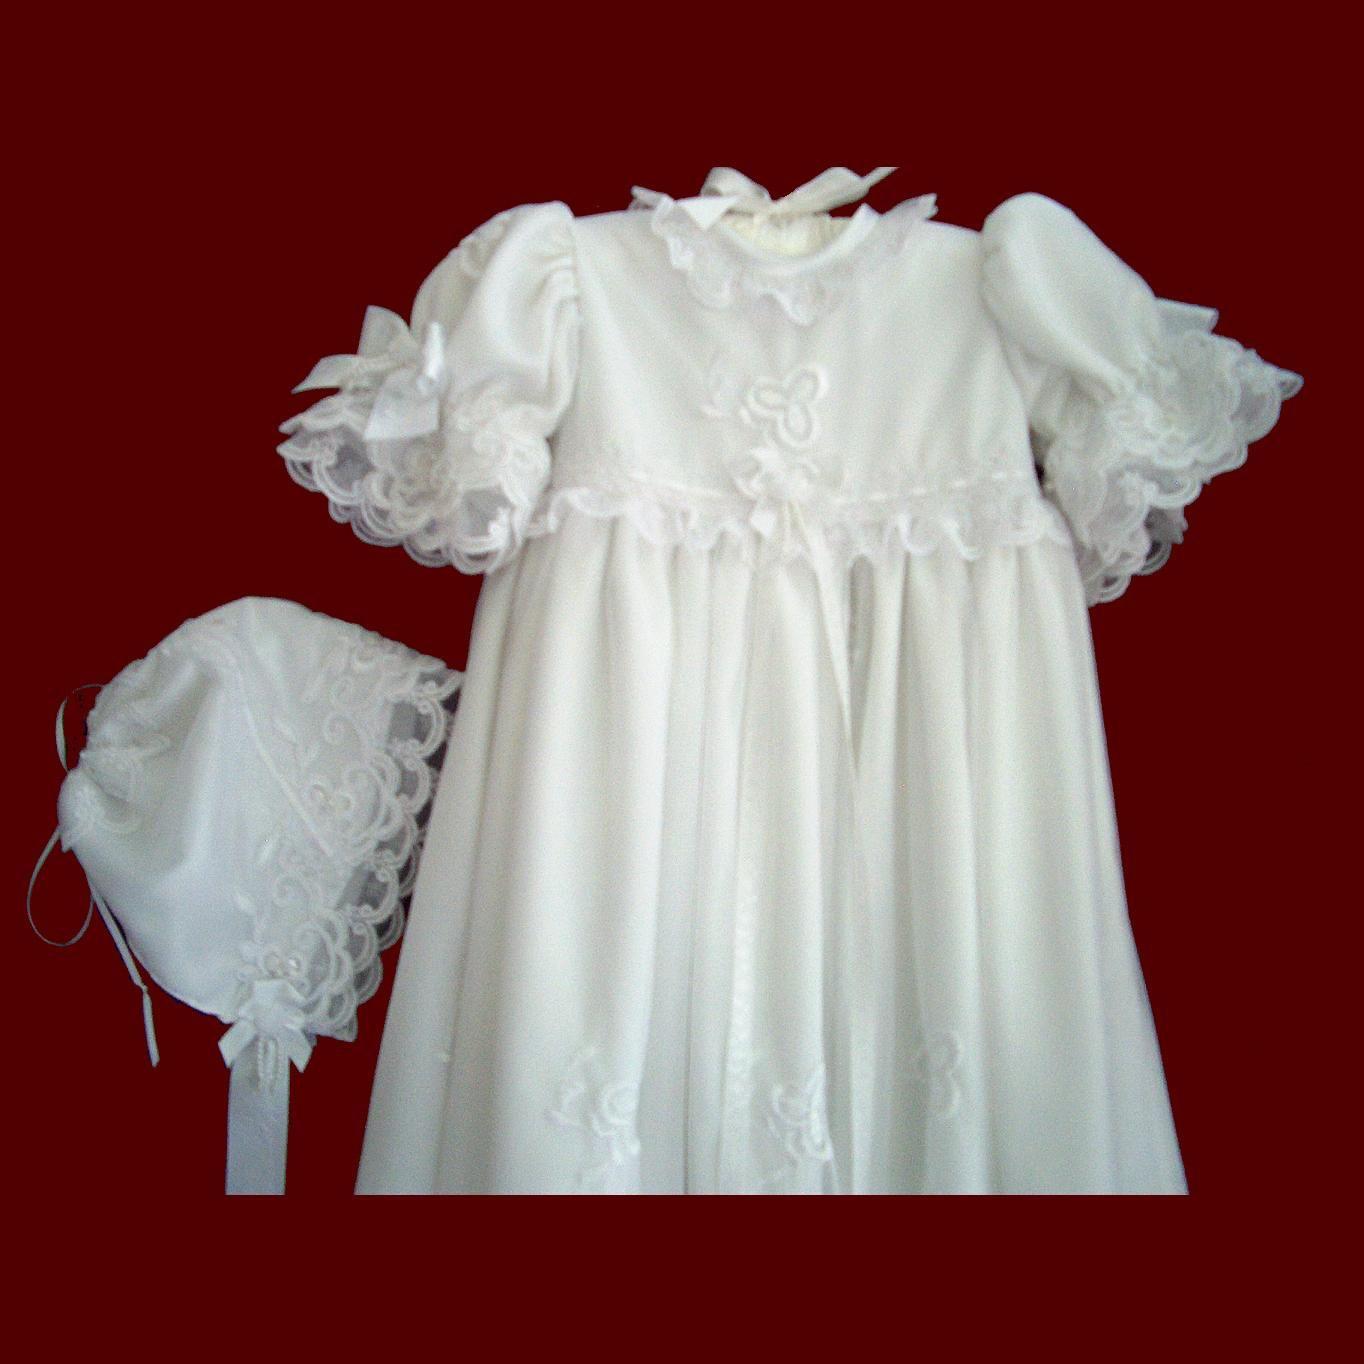 0183969cf Ribbon+work+christening+bonnets   beaded and embroidered netting girls  designer christening gown bonnet